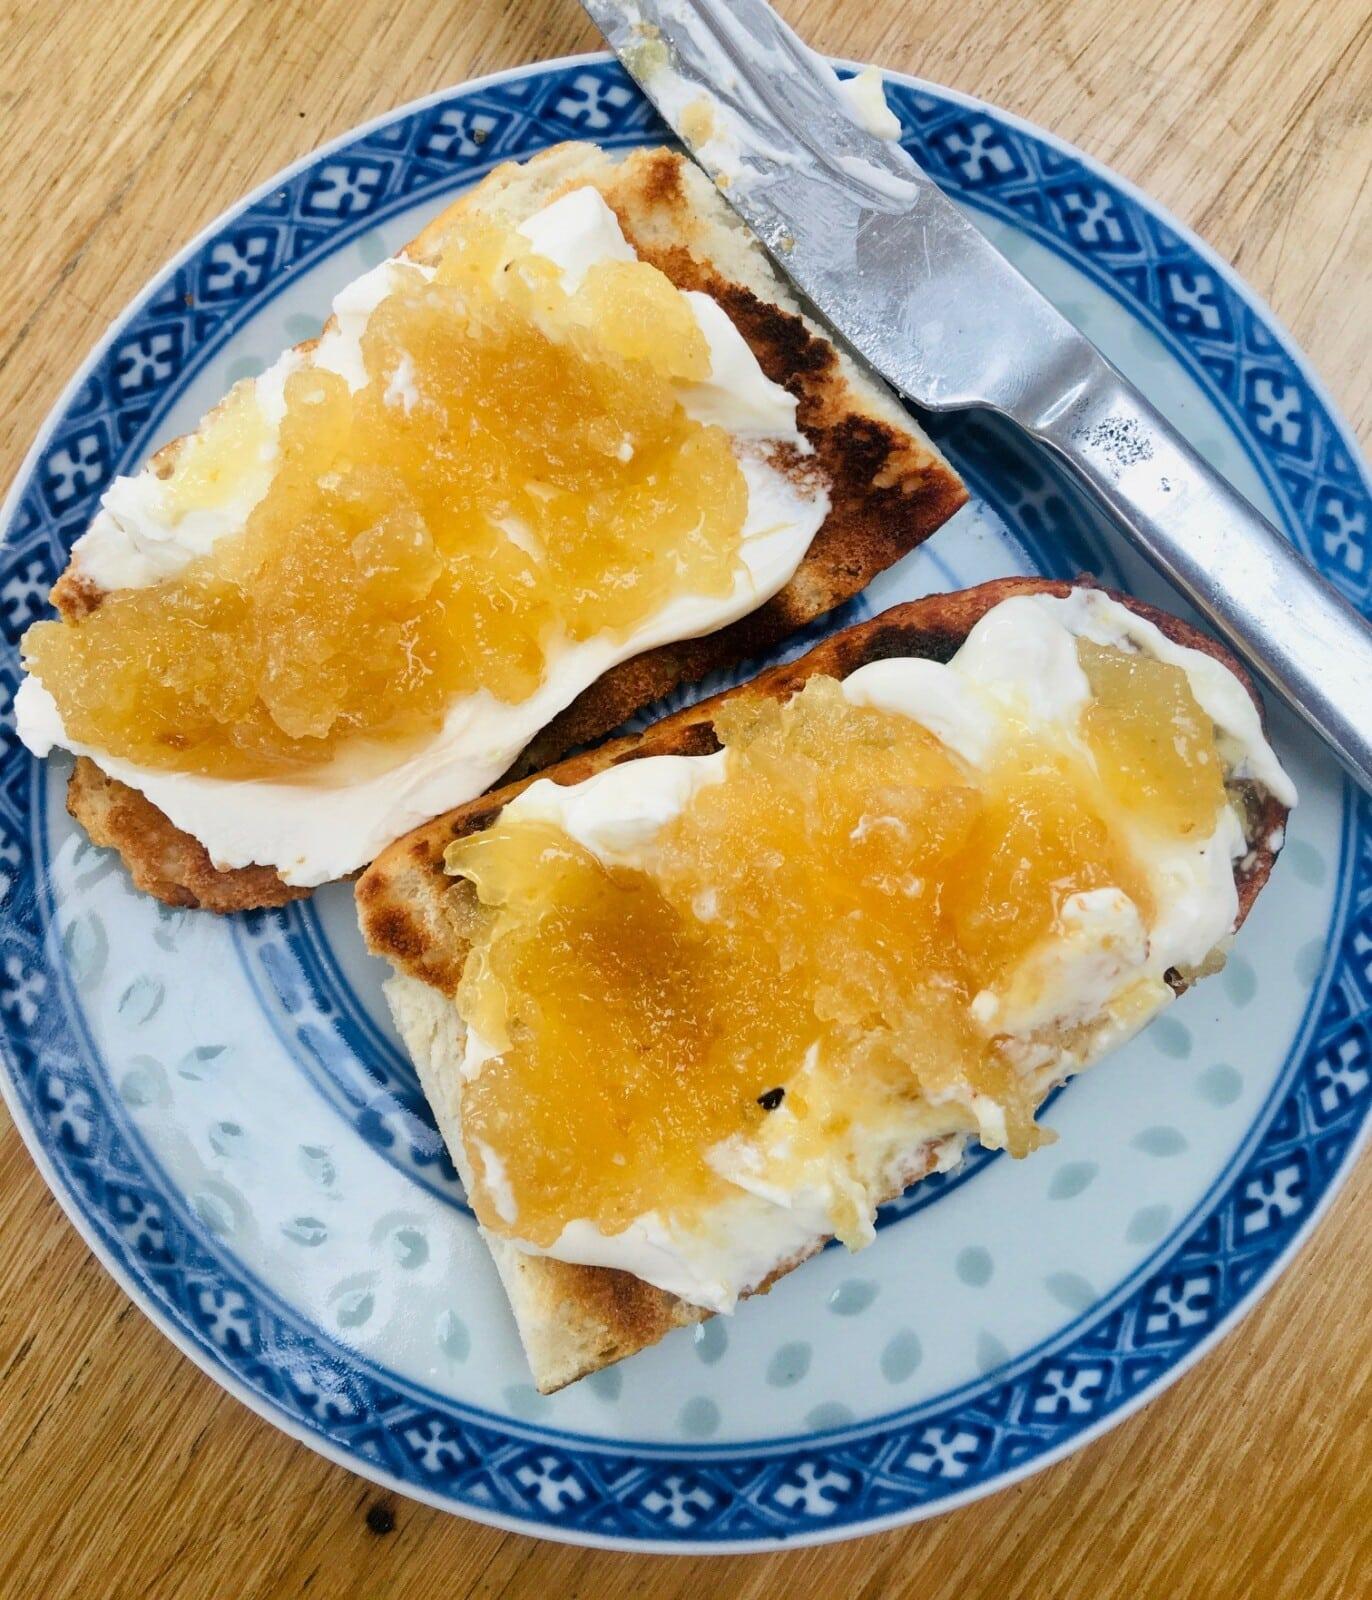 Lemon Peel Jam on toast with cream cheese, on blue patterned plate